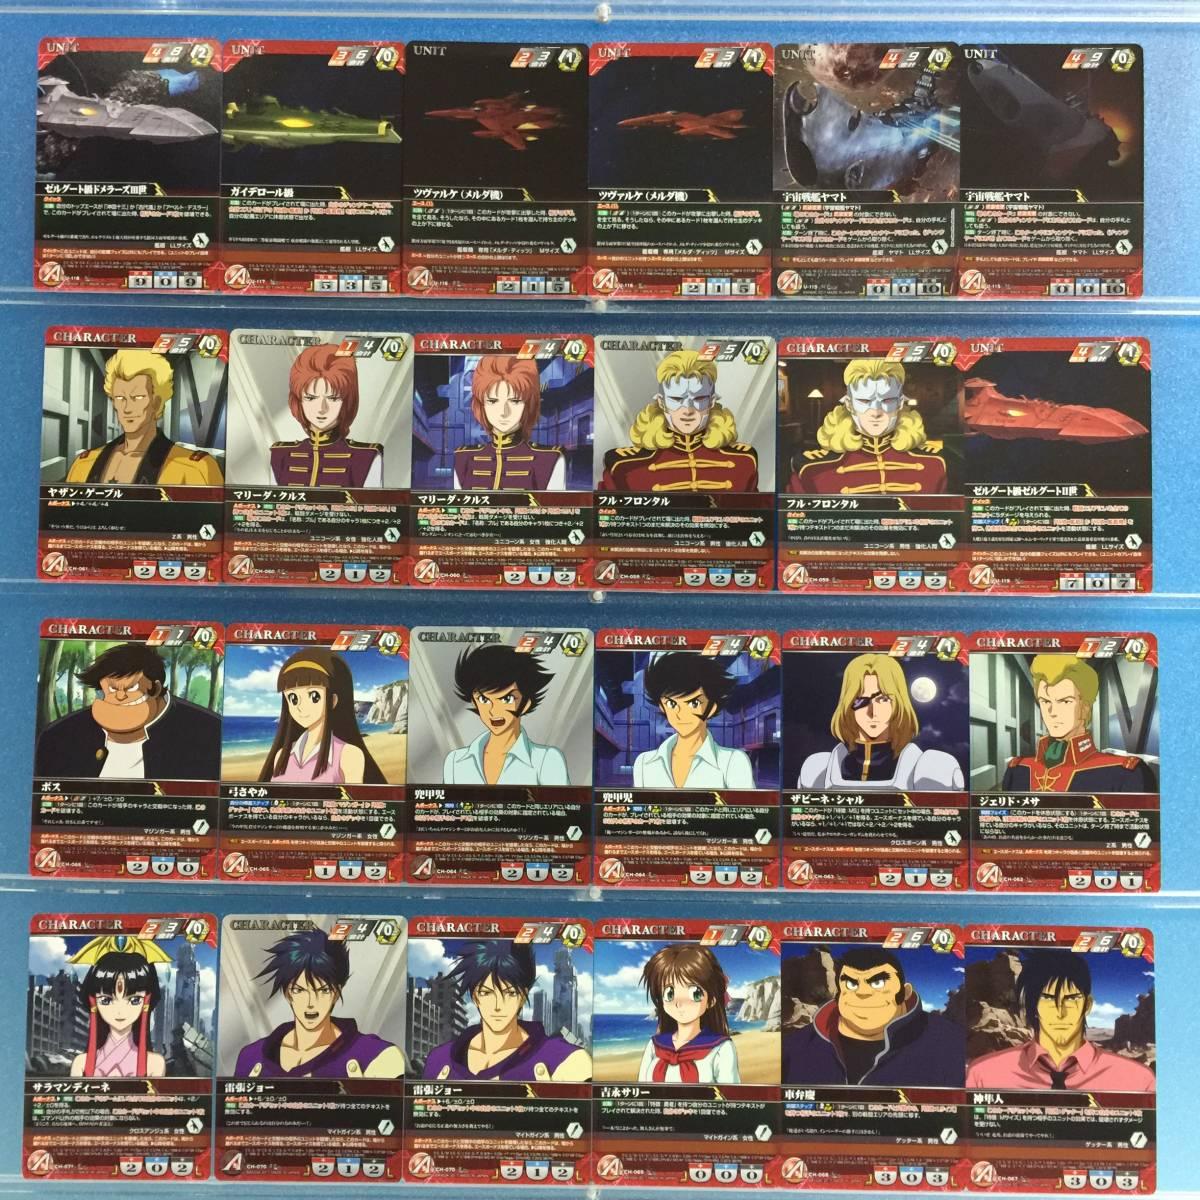 【Crusade】スーパーロボット大戦Vクルセイド 第2弾 ~果て無き激戦~(SRW-CB02) フルコンプ167枚 (全113種+パラレル54種)_画像8